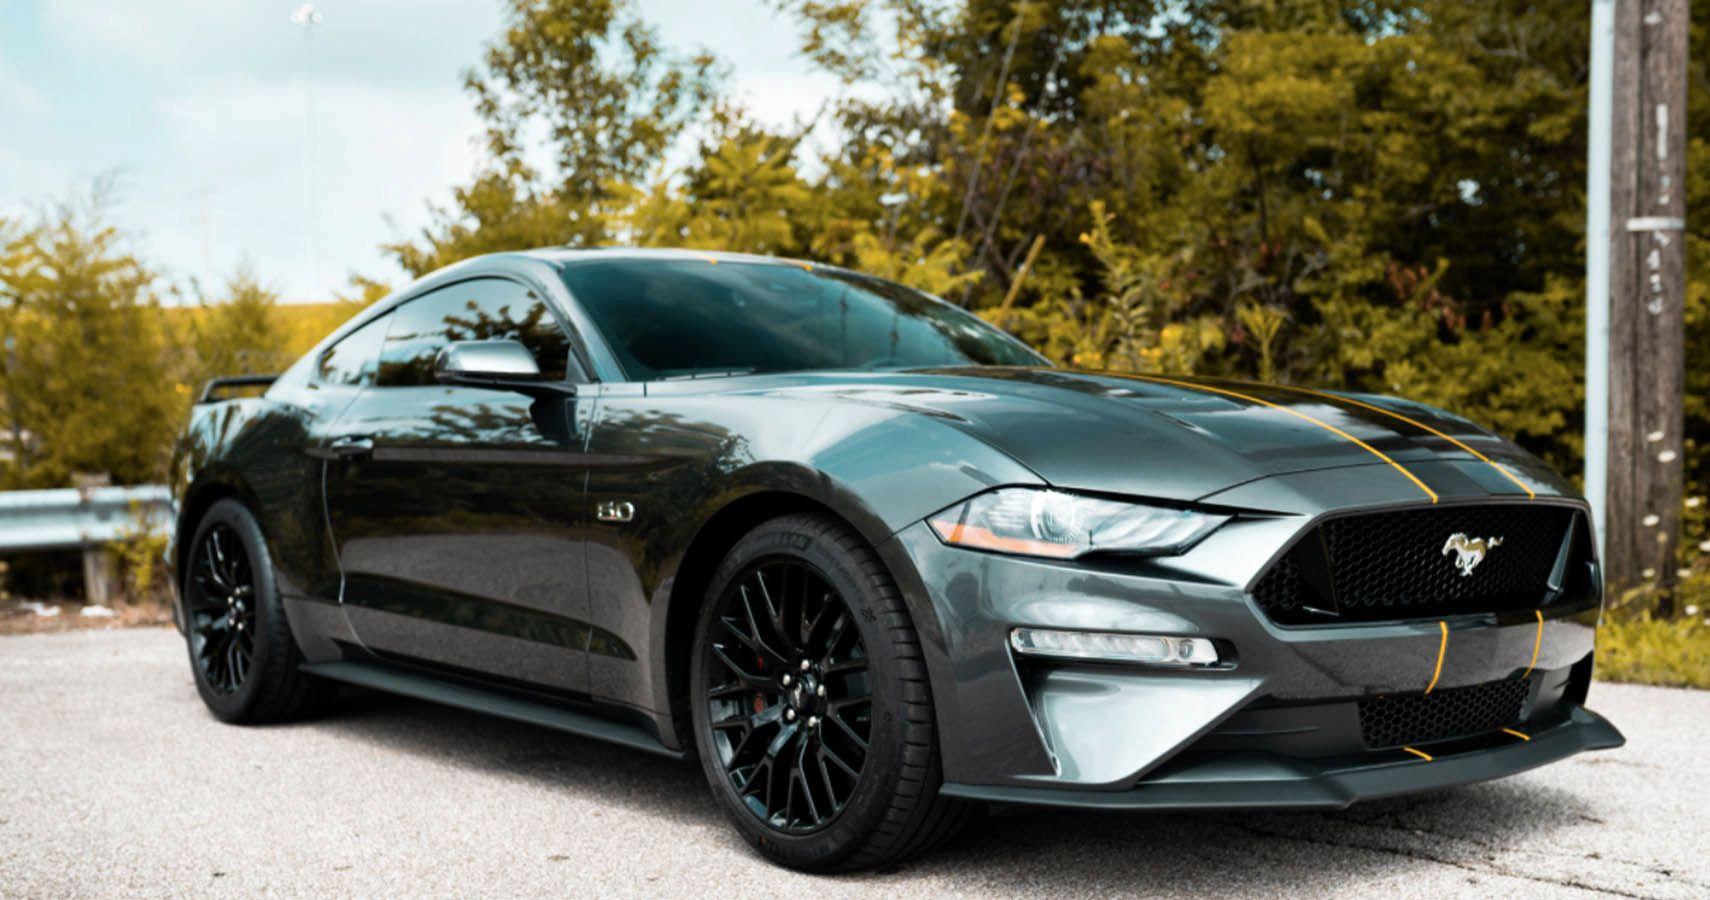 Mustang Shelby GT500 (на видео) – мощнейший Ford за всё время: 5,2-литровый V8 с приводным нагнетателем выдаёт 770 л. с. и 847 Нм, а это больше, чем у Ford GT (655 сил и 847 ньютон-метров).